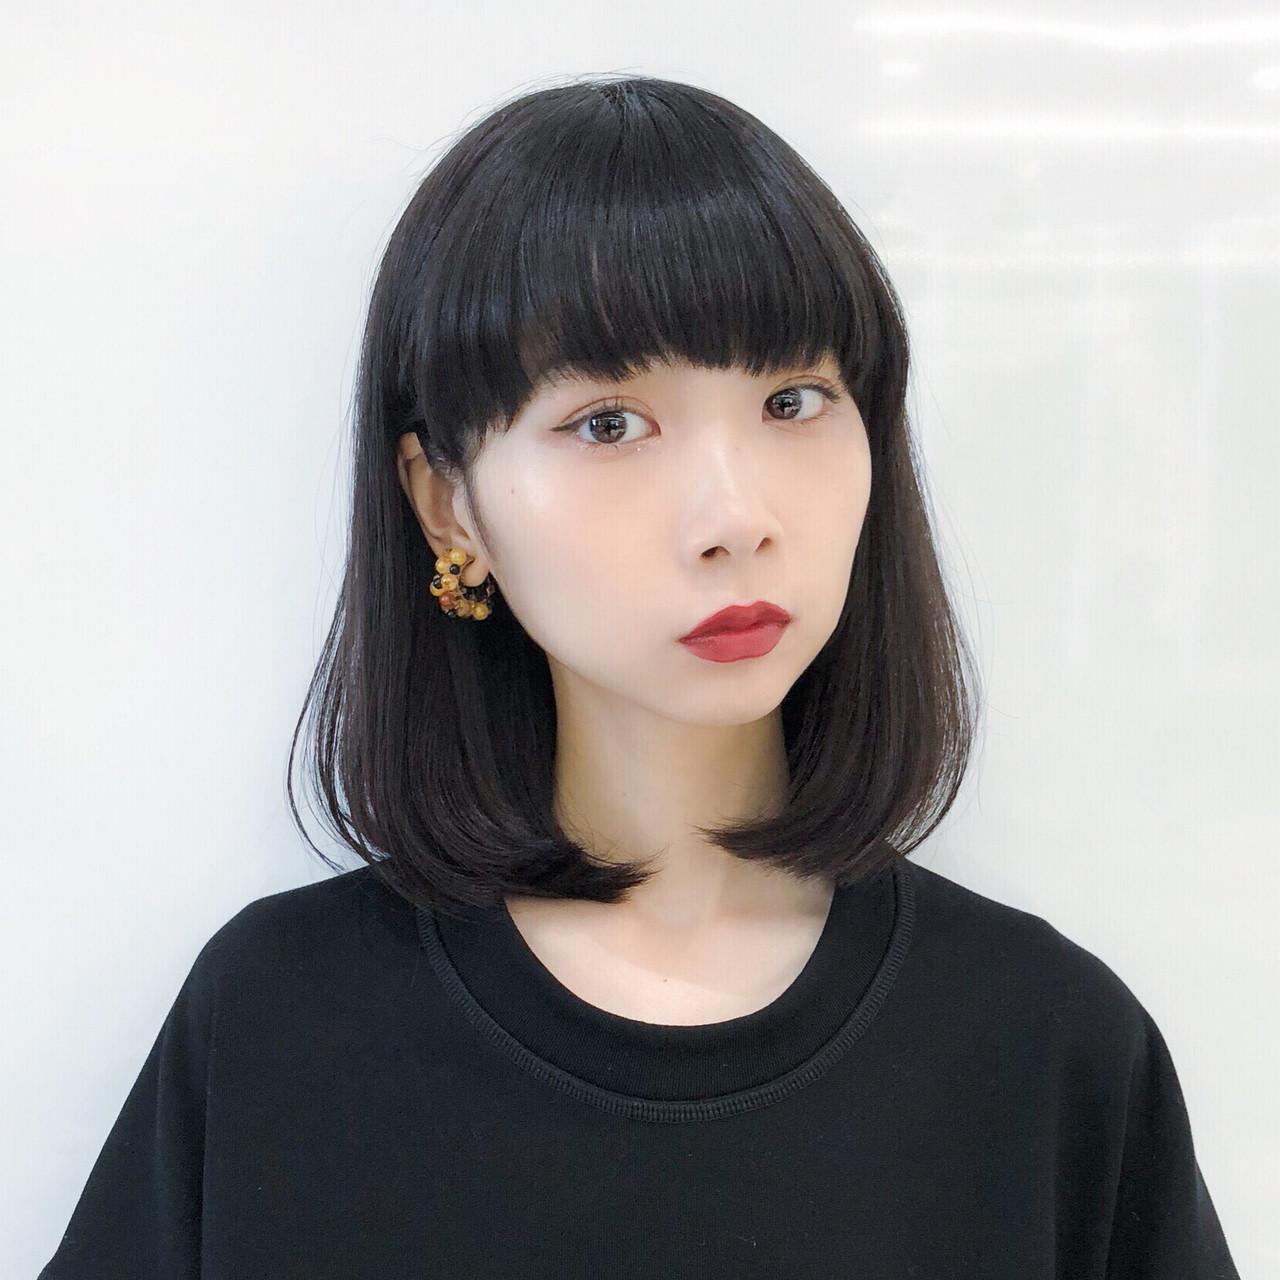 オフィス デート ミディアム パーマ ヘアスタイルや髪型の写真・画像 | 趙 英来 (よん) / nex